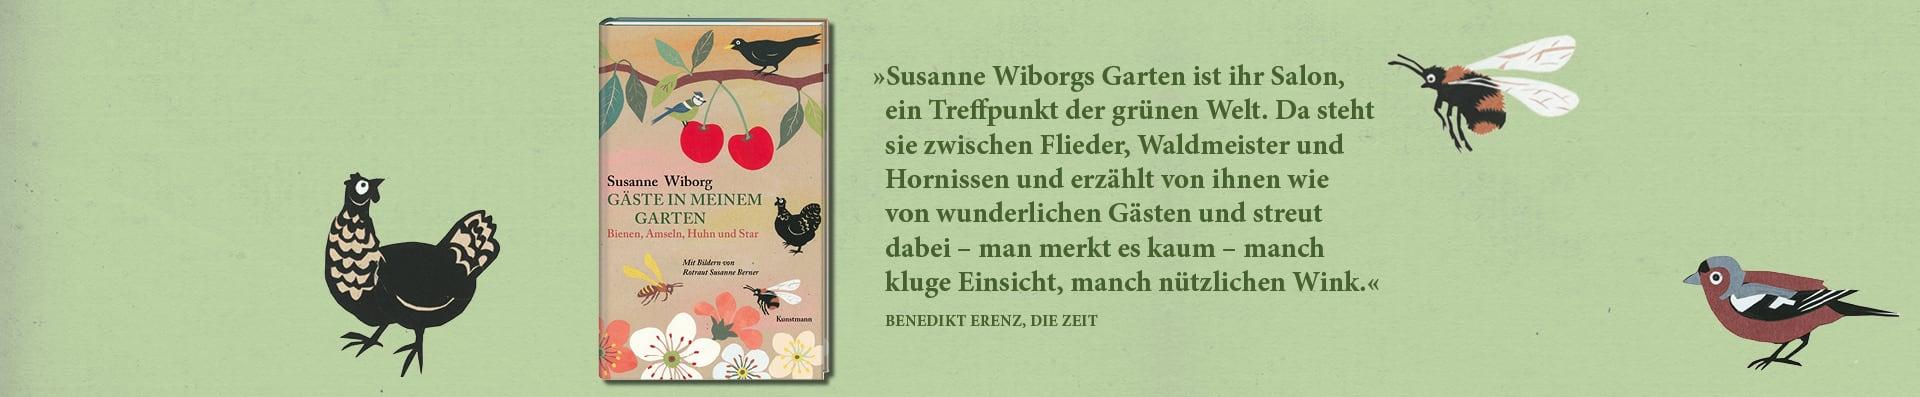 Susanne Wiborg – Gäste in meinem Garten